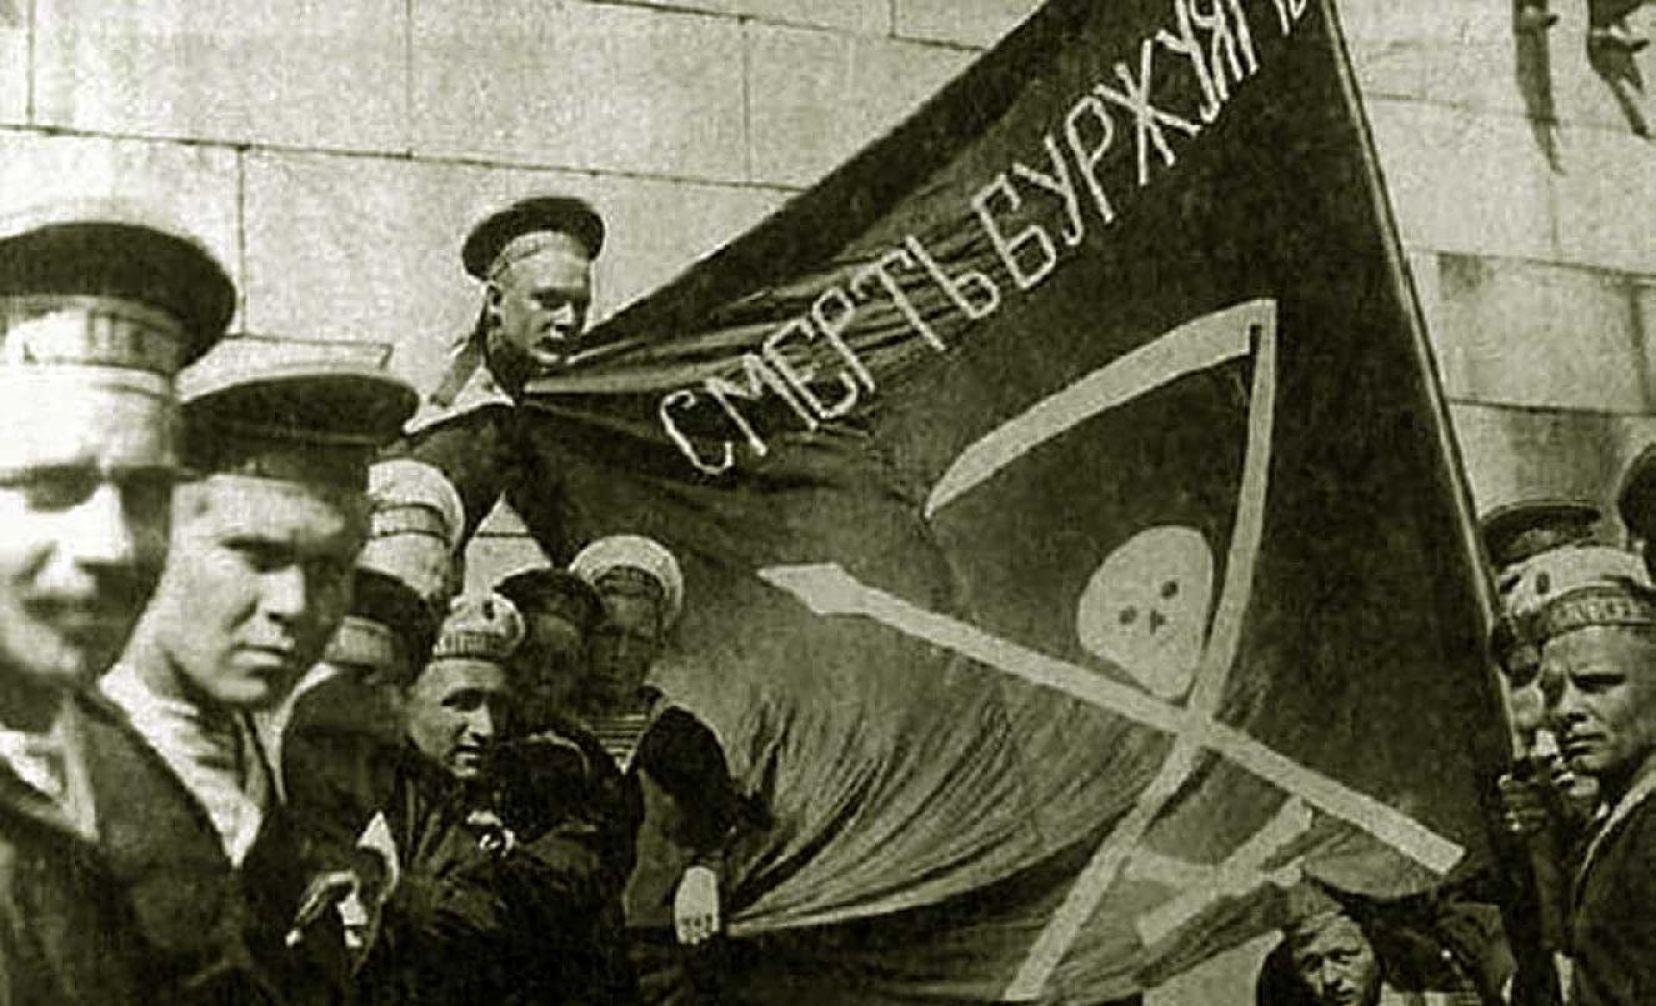 Kronstadt sailors on the battleship Petropavlovsk, 1917. Photo: Unknown. Public Domain.